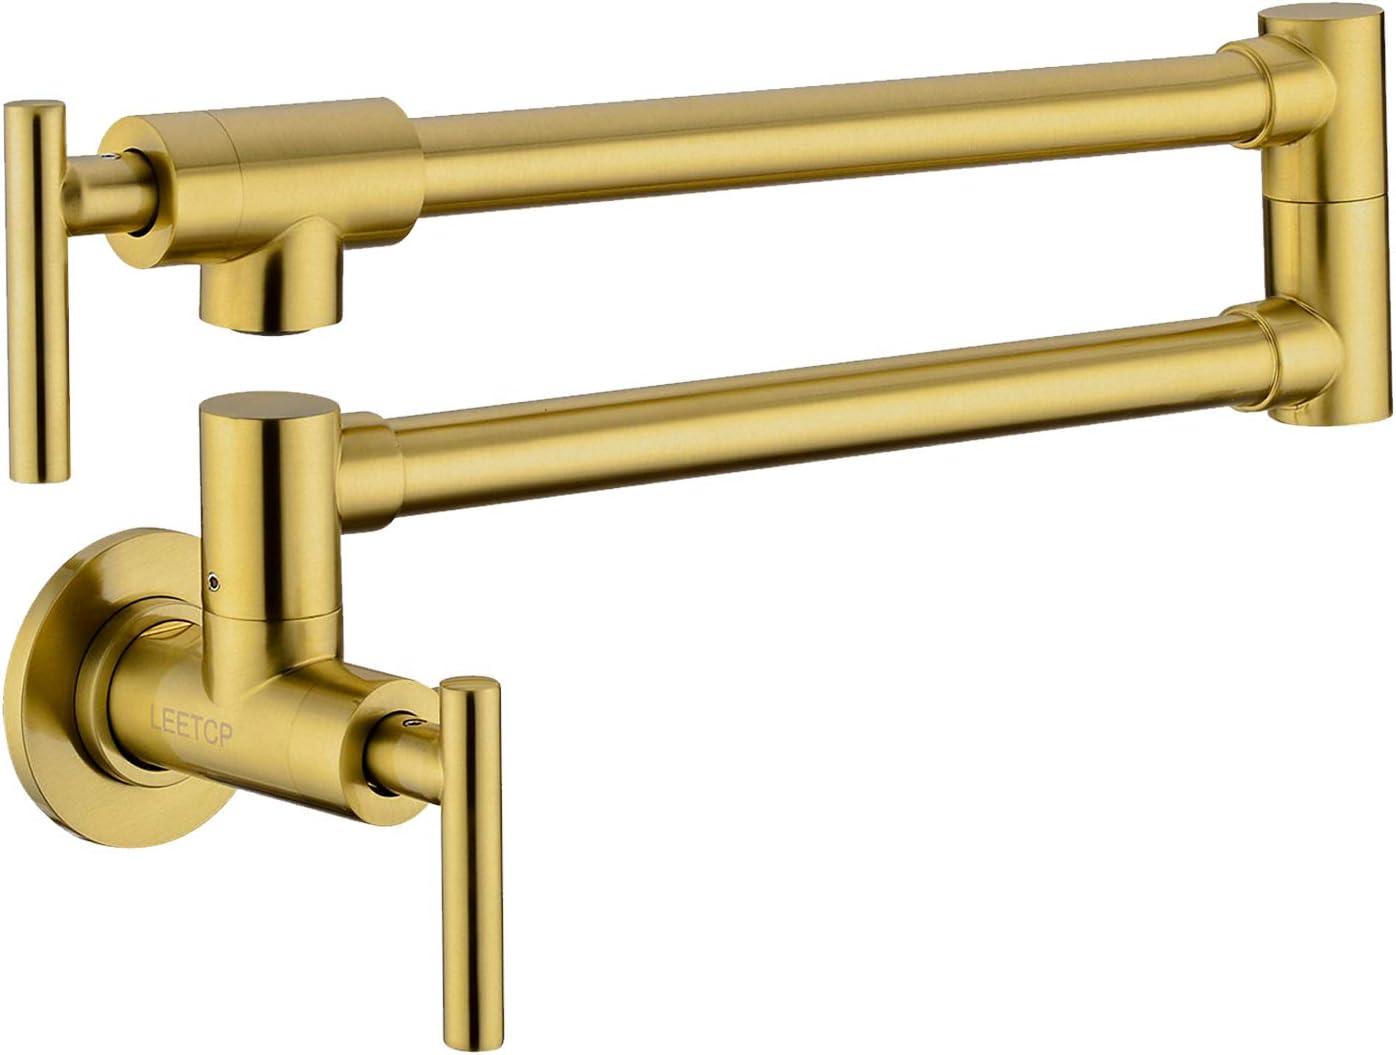 LEETCP Pot Filler Faucet Regular dealer Wall Material Brass Brushed Outstanding Mount Gol